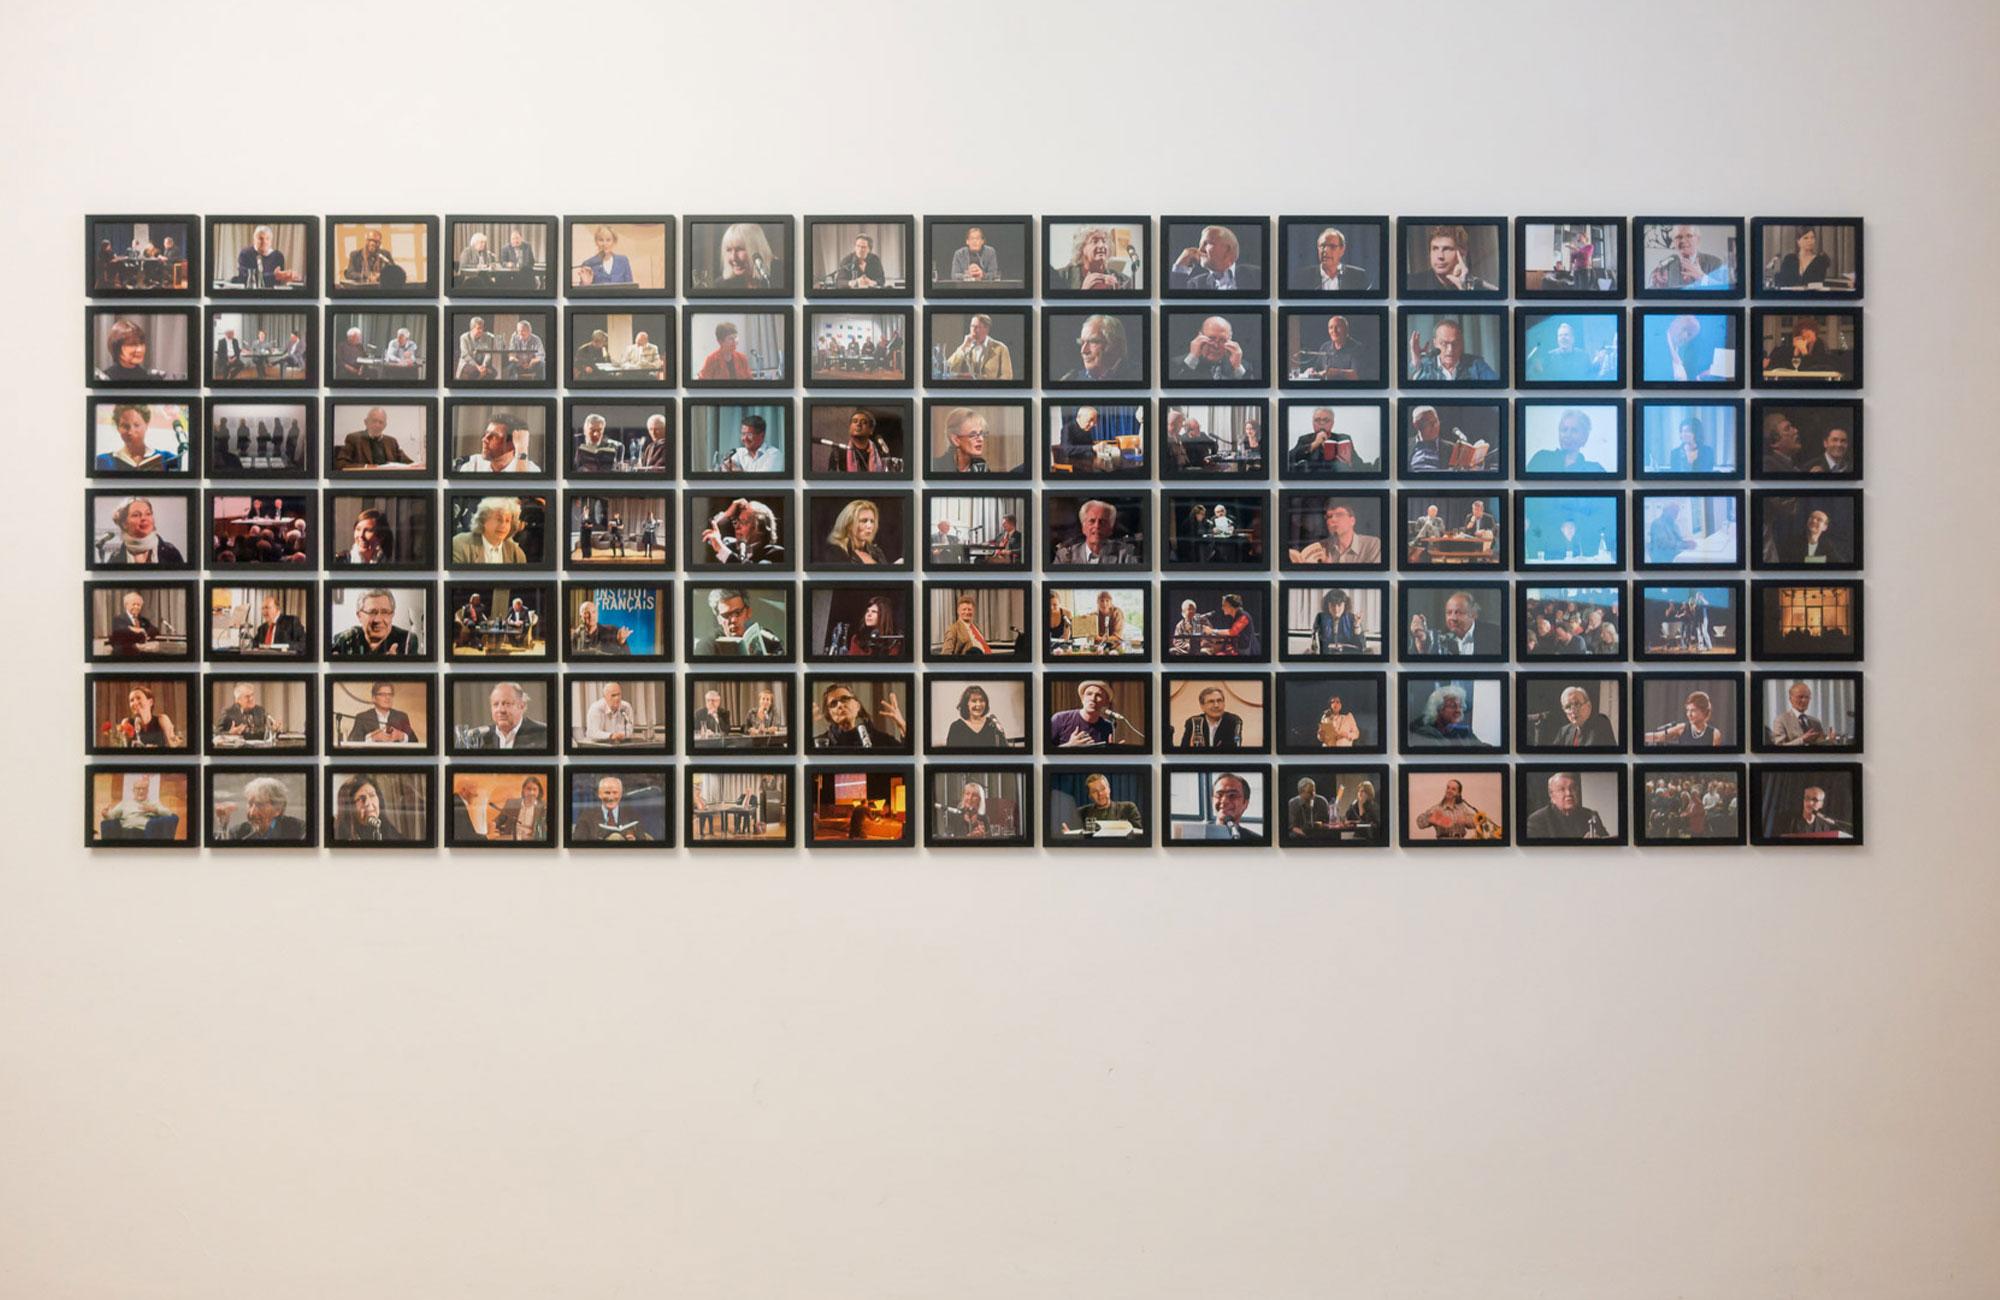 Heiner Wittmann: Fotoalbum,                                                                                                                                              Mittwoch, 16.11.16                      -                          Donnerstag, 20.04.17                                                                               <br/>(c) Sebastian Wenzel